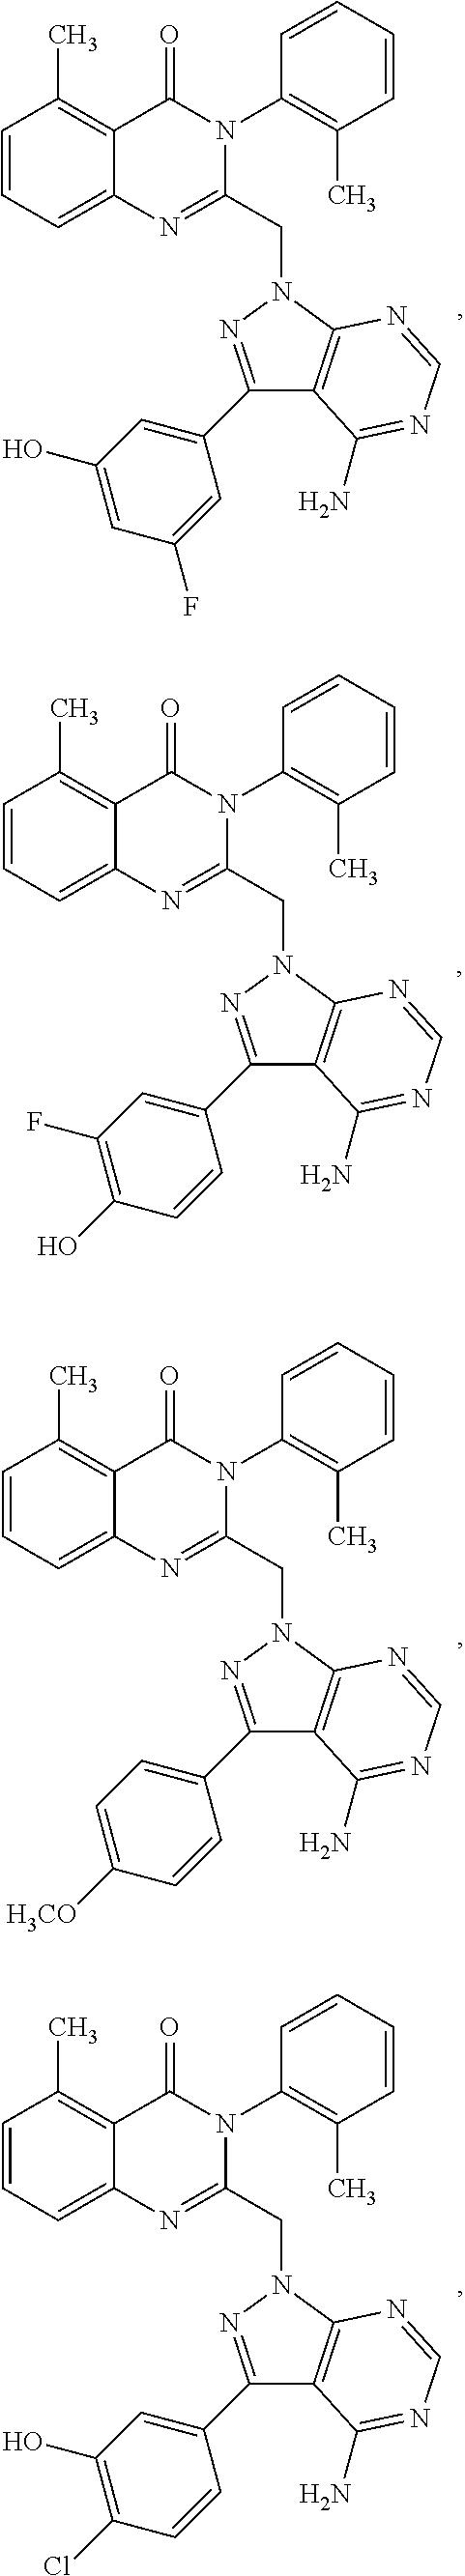 Figure US09493467-20161115-C00044